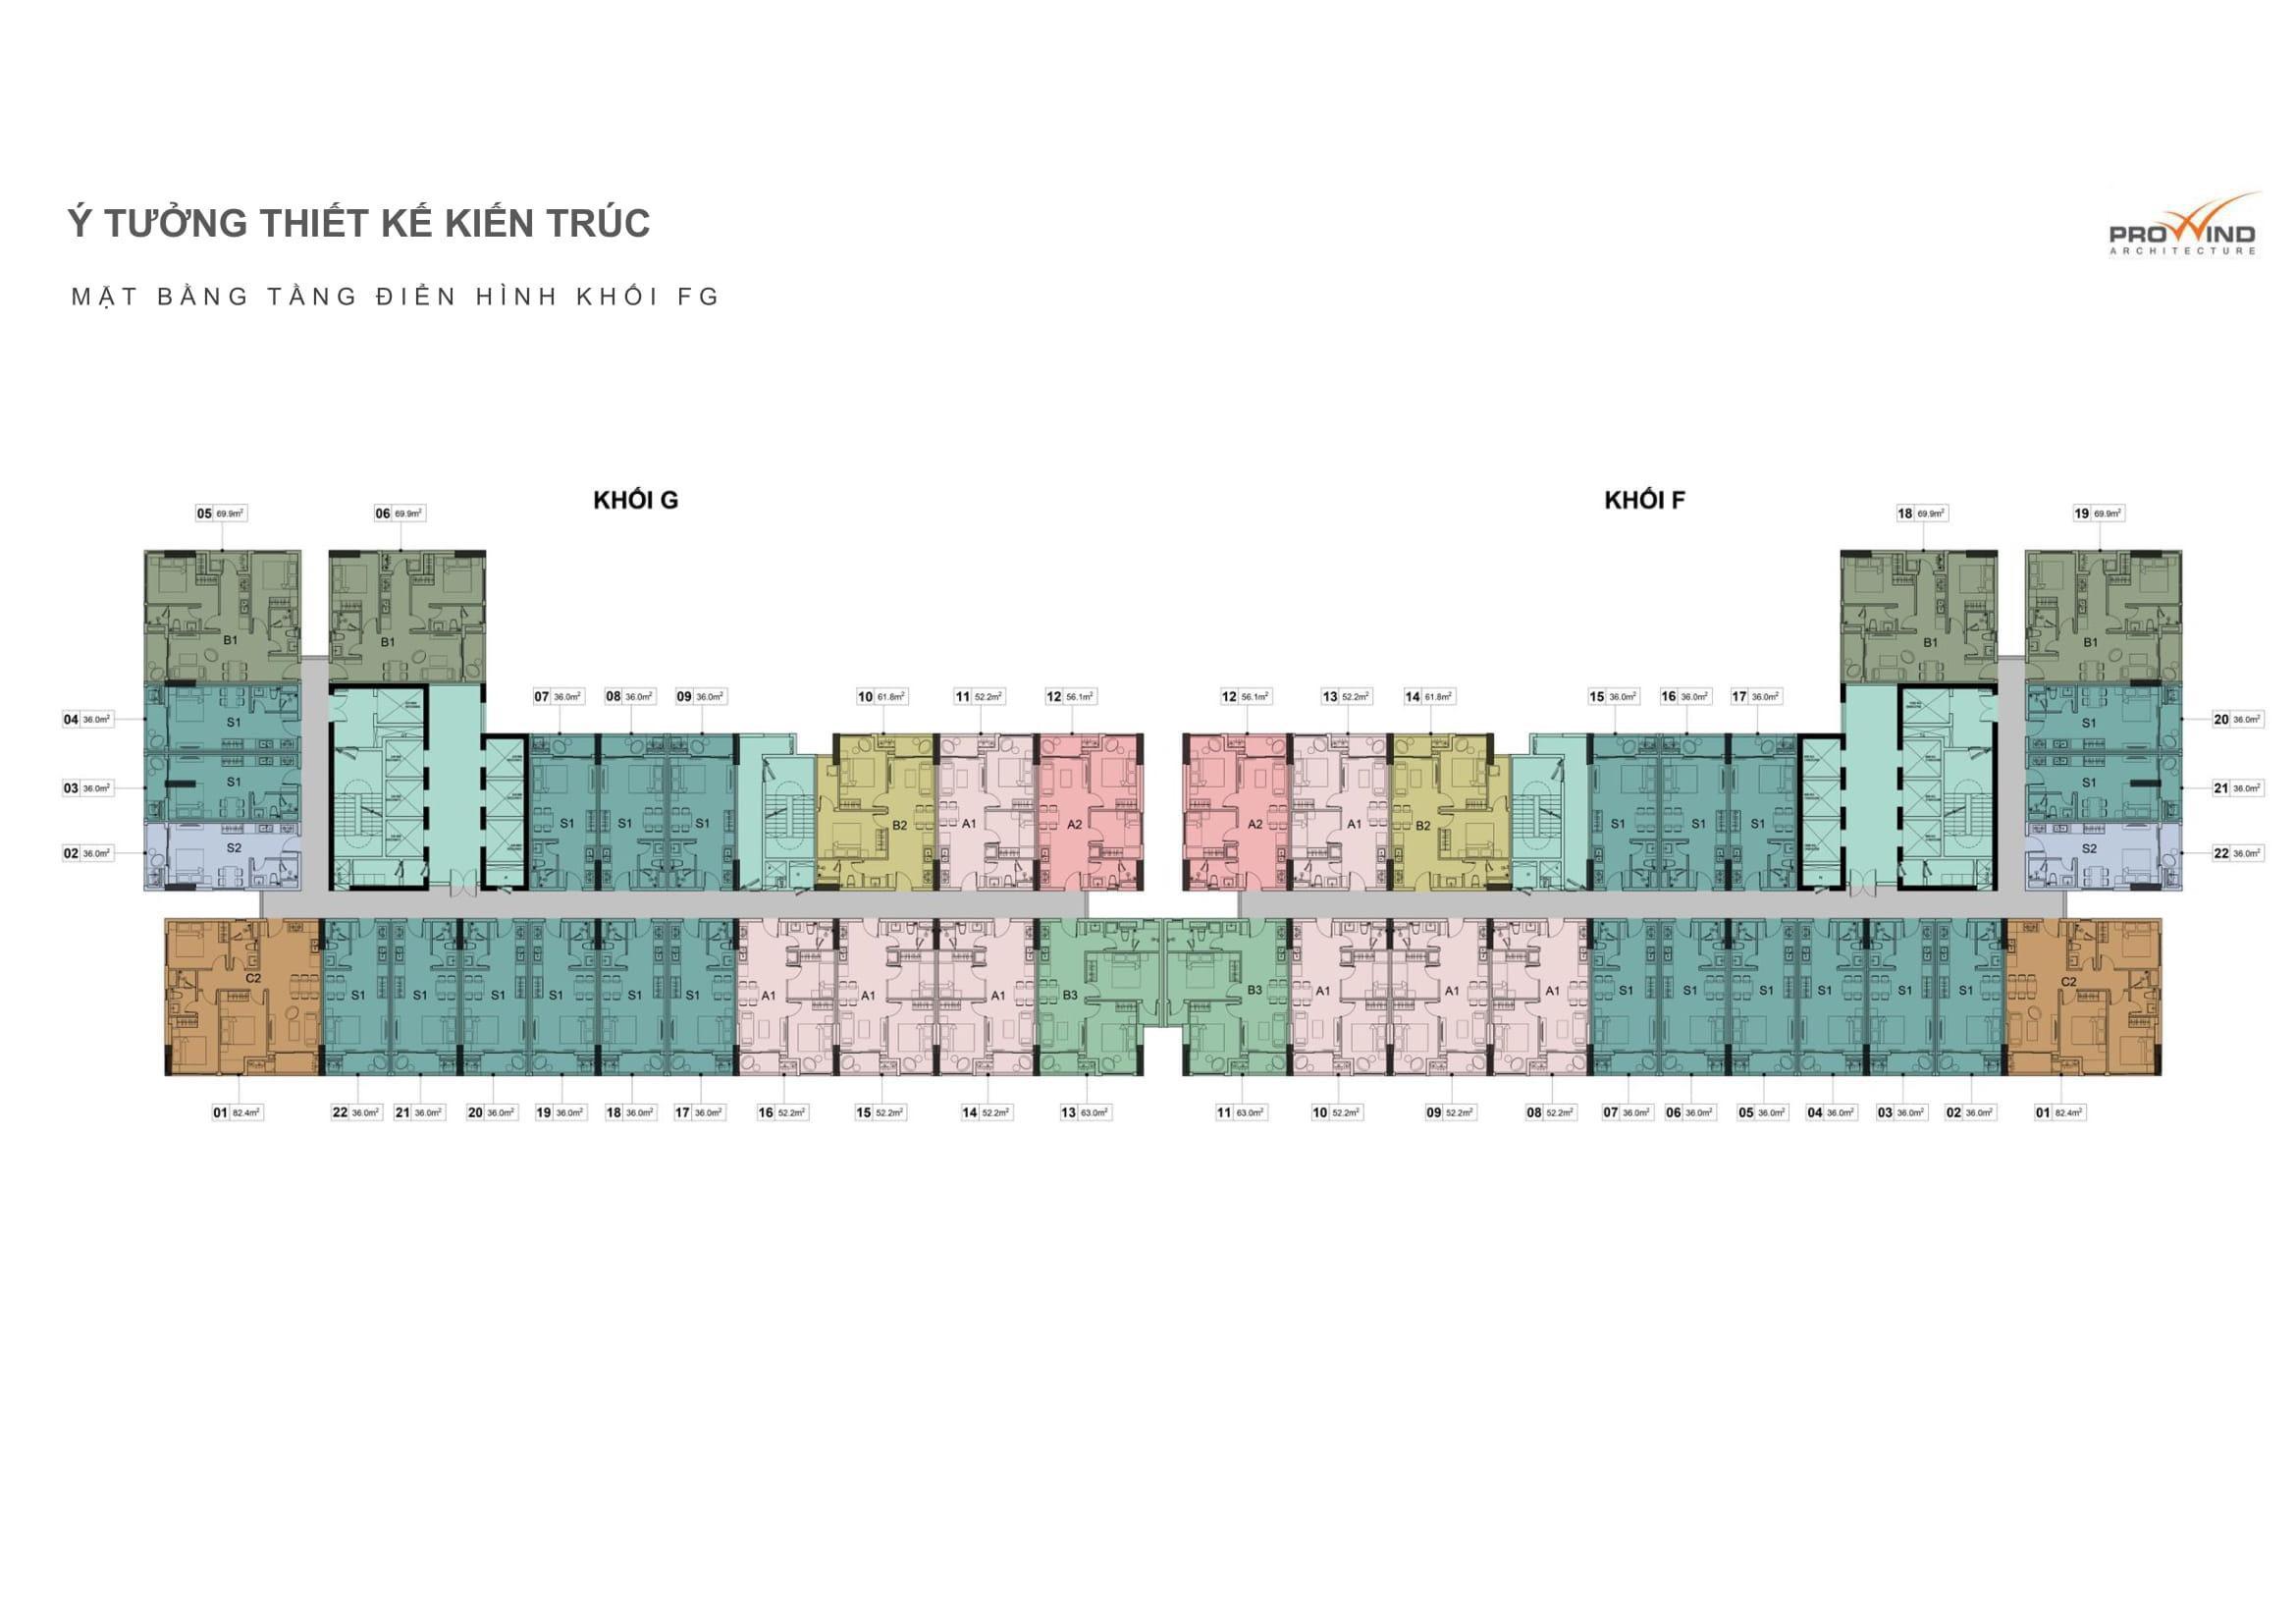 Mặt bằng căn hộ hồ tràm complex khối G và F